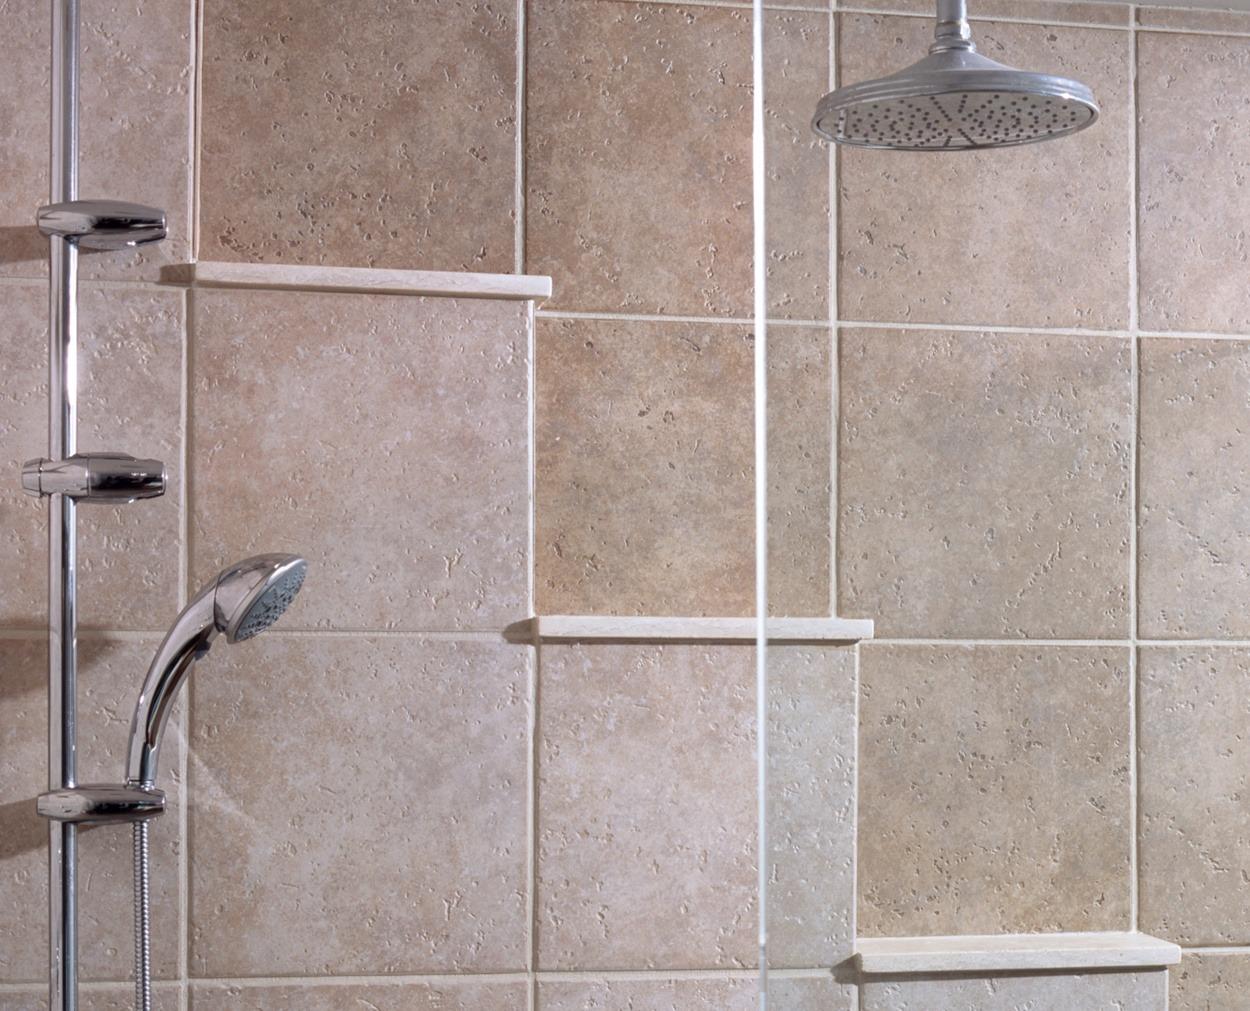 K-bath3 1250x1011-1.jpg